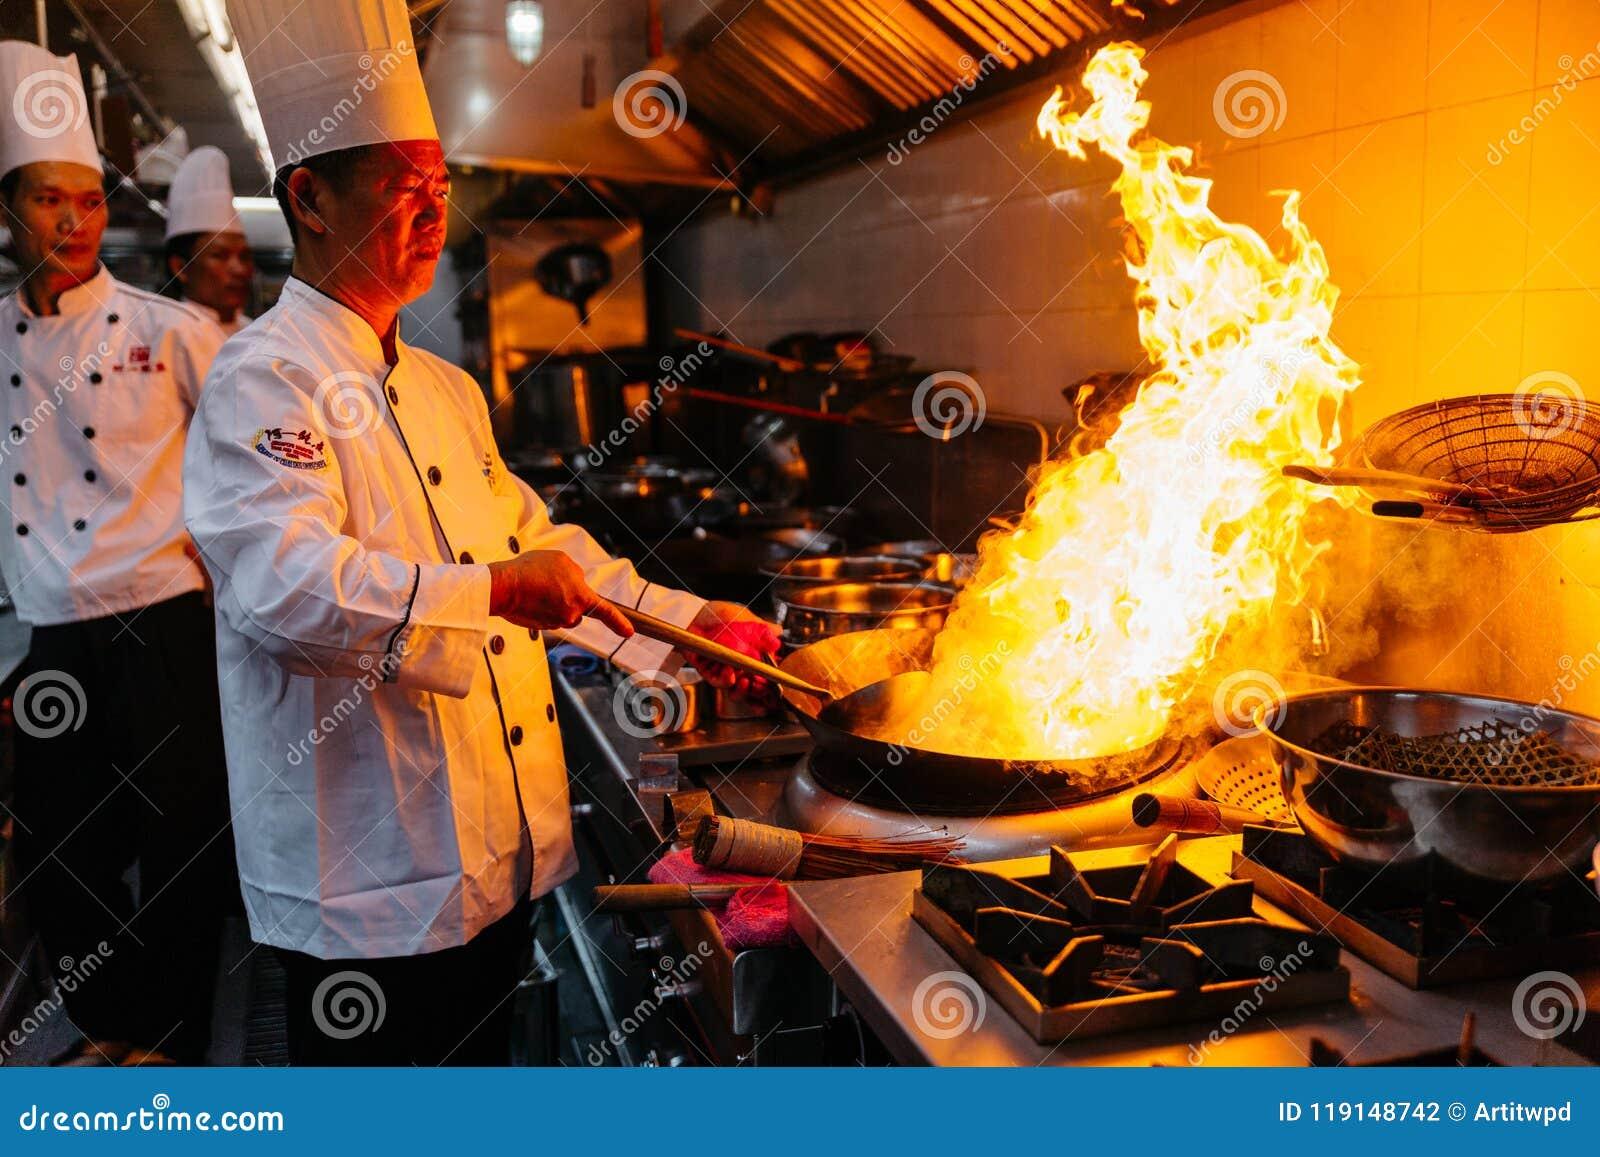 Cocinero que cocina la comida china con el fuego ardiente en la cacerola de acero fotograf a - Cocina de fuego ...